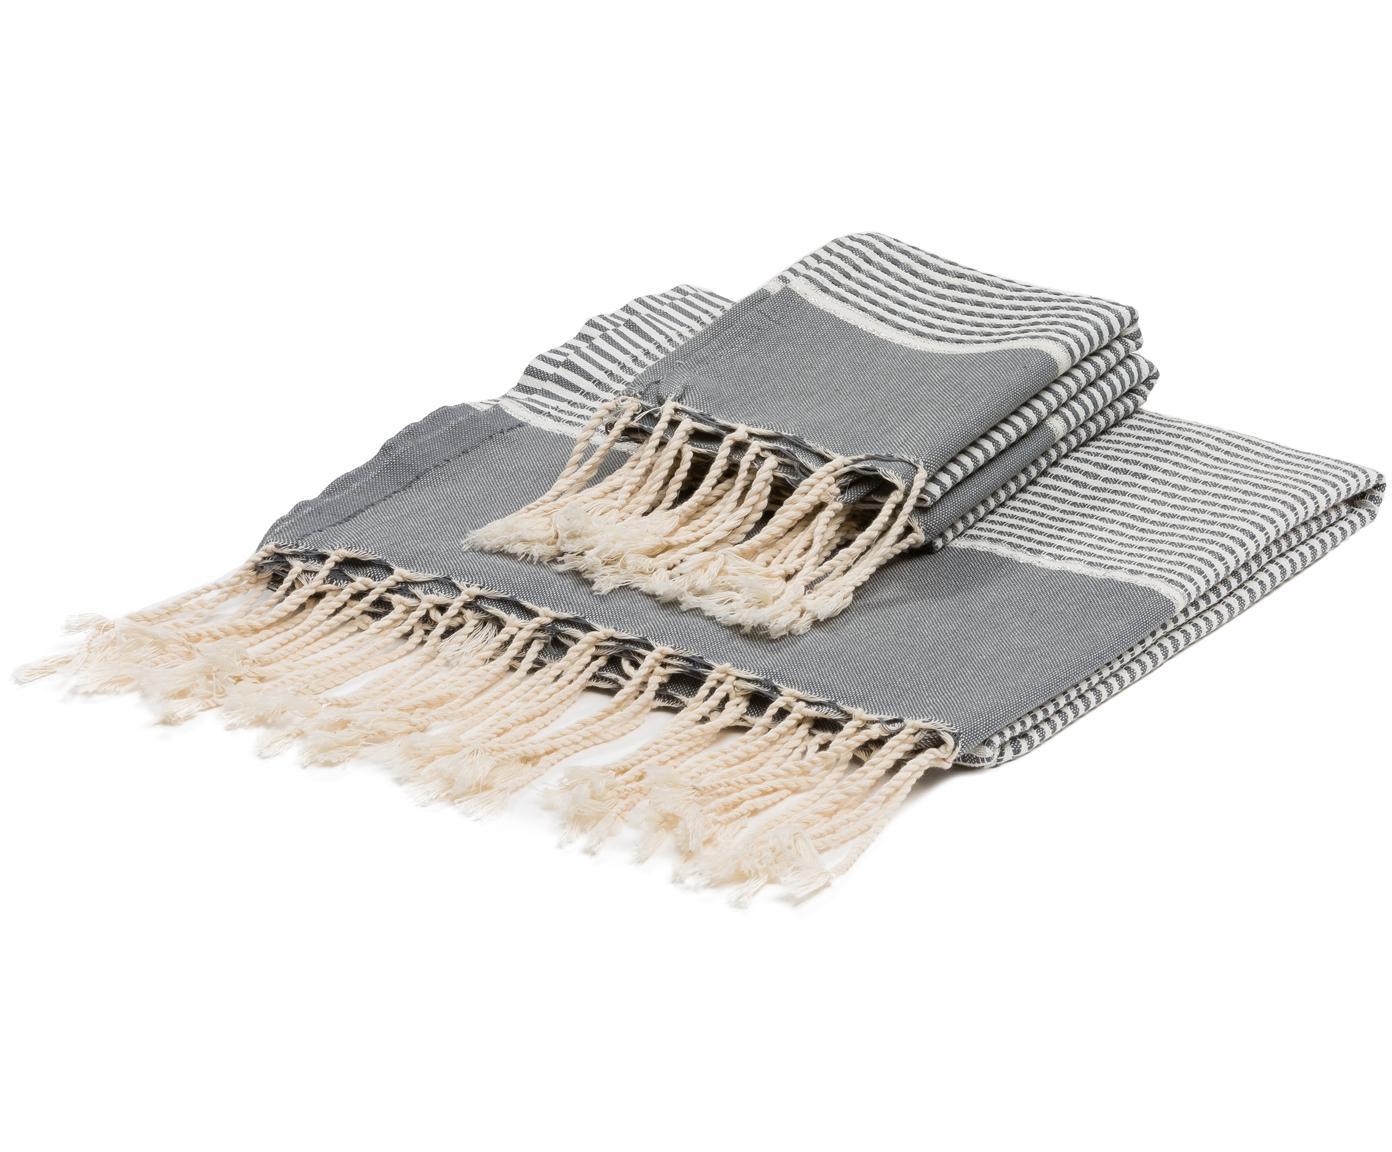 Set di 3 asciugamani con bordo in lurex Copenhague, 100% cotone con fili di lurex Qualità molto leggera, 200 g/m², Grigio, argento, bianco, Diverse dimensioni